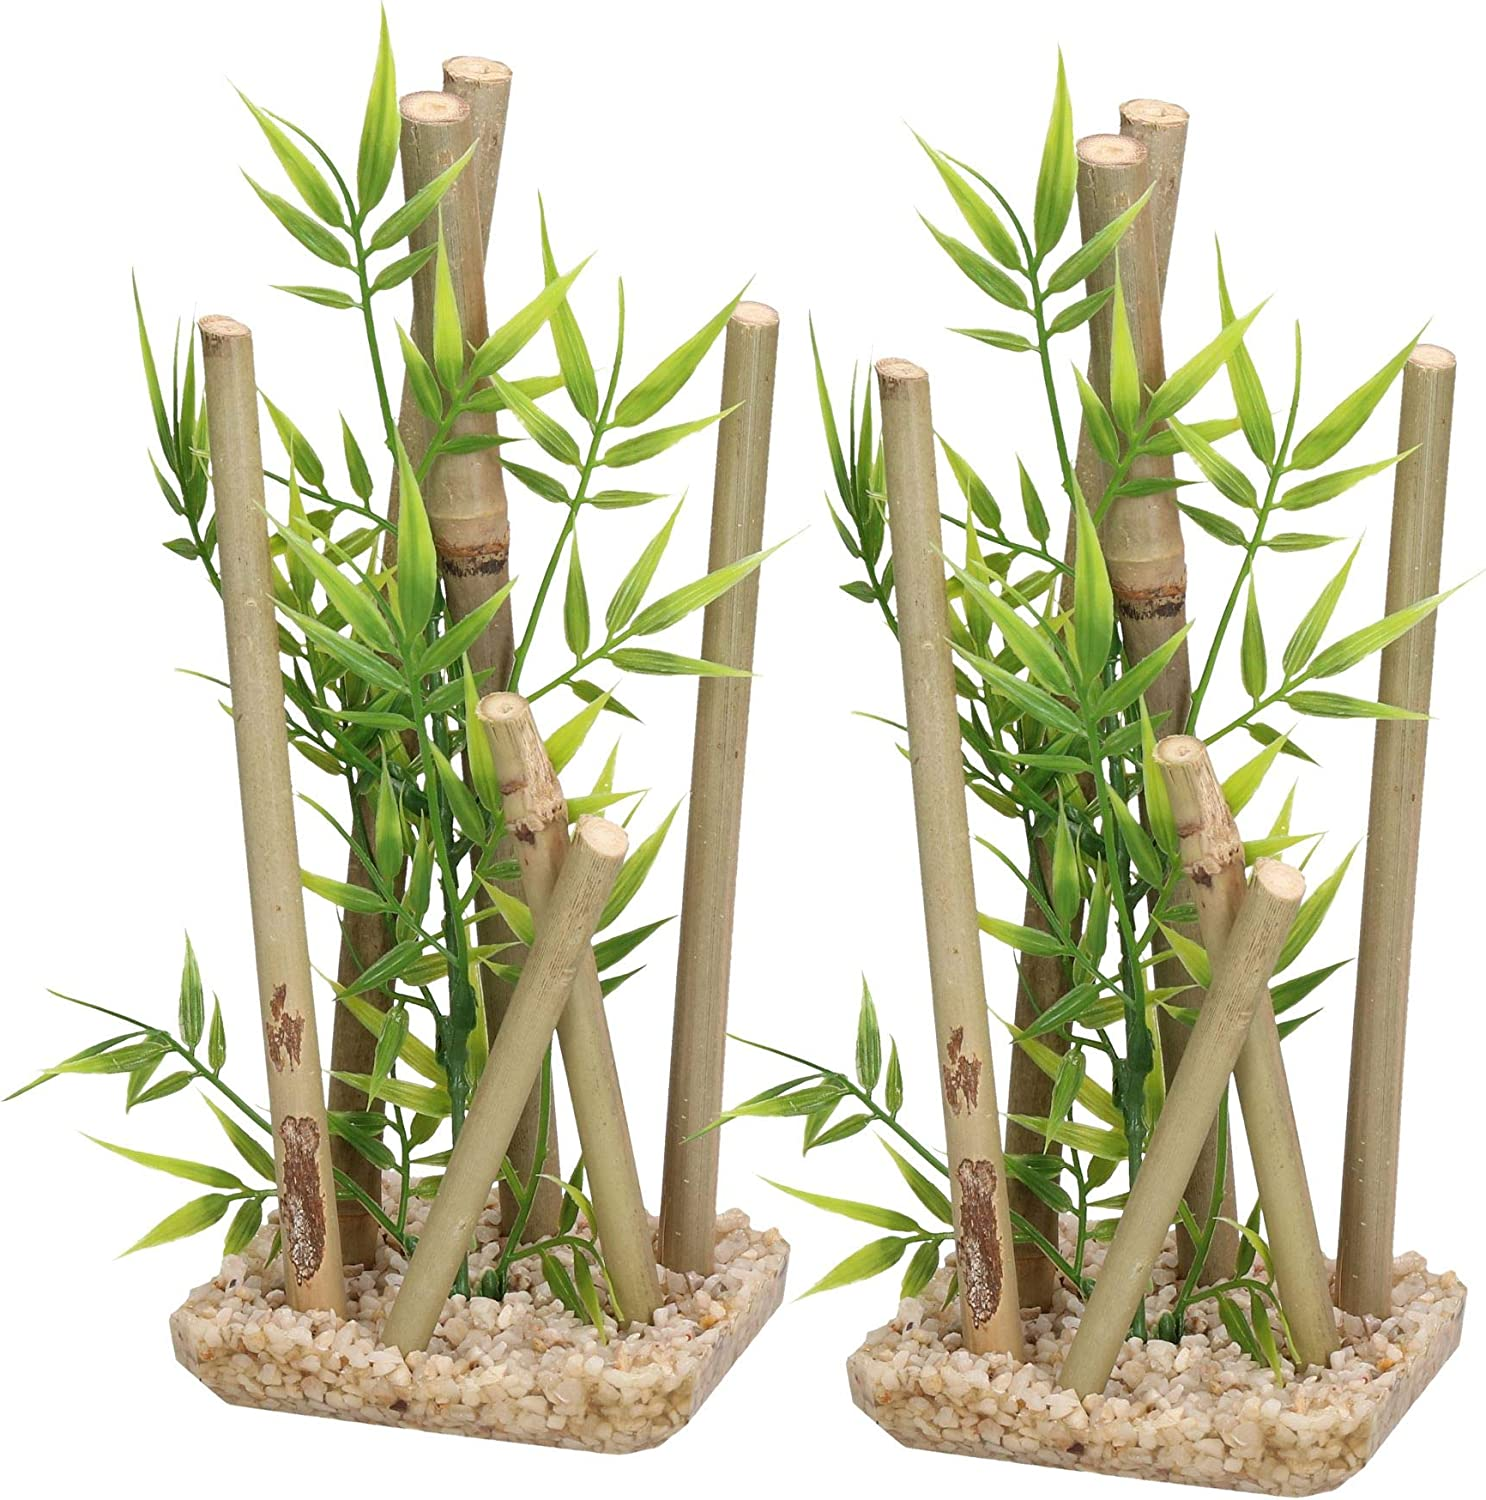 Rosewood 2 Aquatic Aquarium Decor Bamboo Stick Medium Fish Tank Ornaments 9x11x25cm